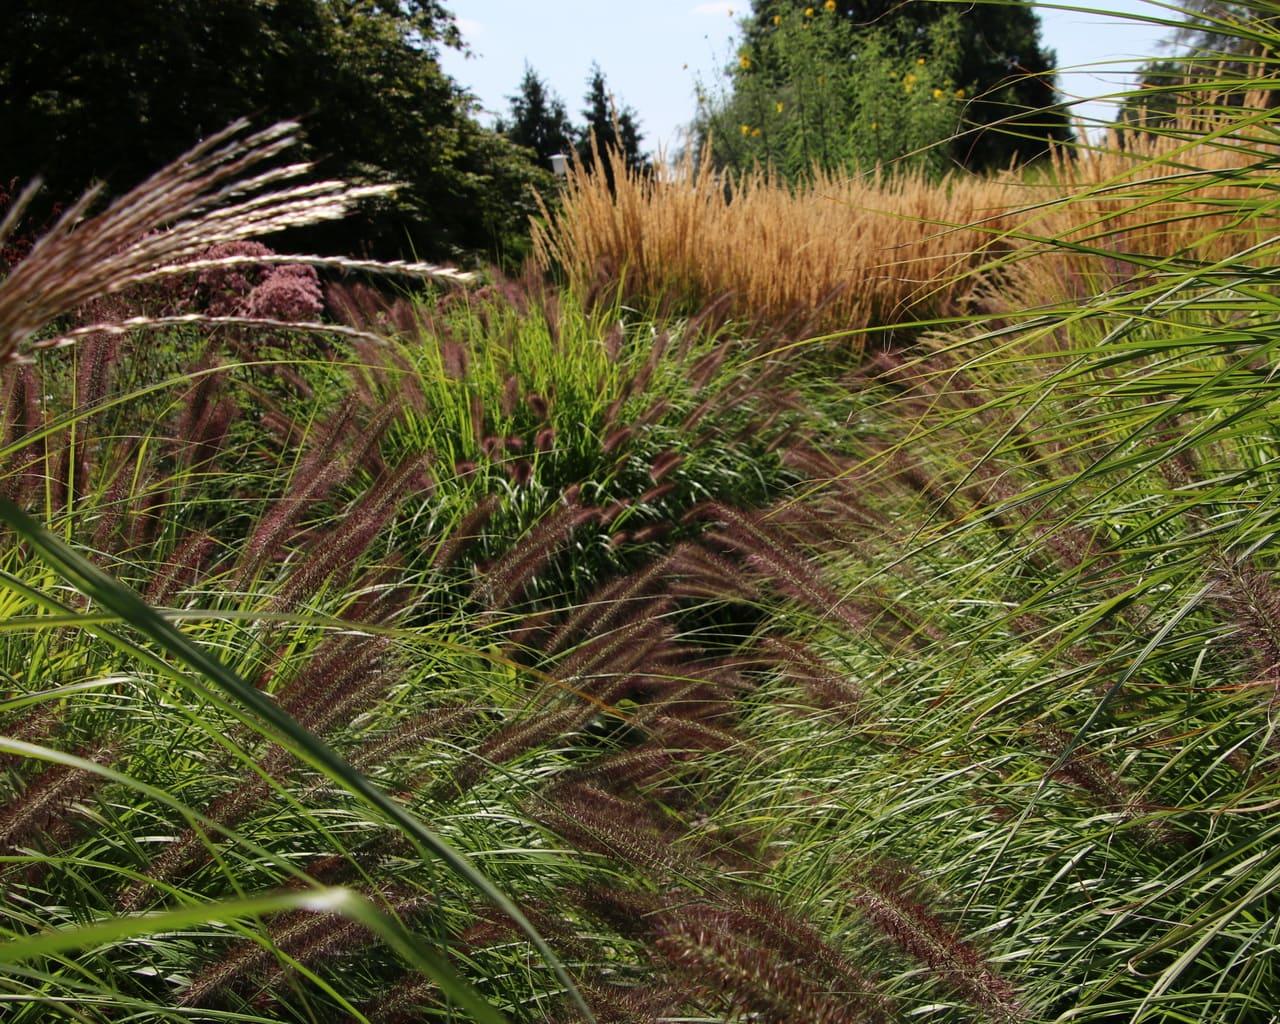 Gräsergarten im ega Park, Planung Petra Pelz 2014, Pennisetum viridescens und Calamagrostis acutiflora Karl Foerster